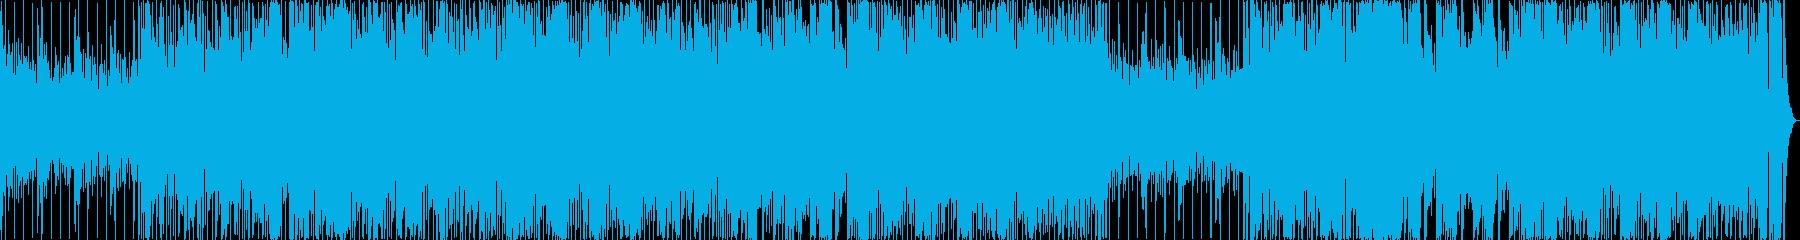 明るいT-SQUAREっぽいフュージョンの再生済みの波形